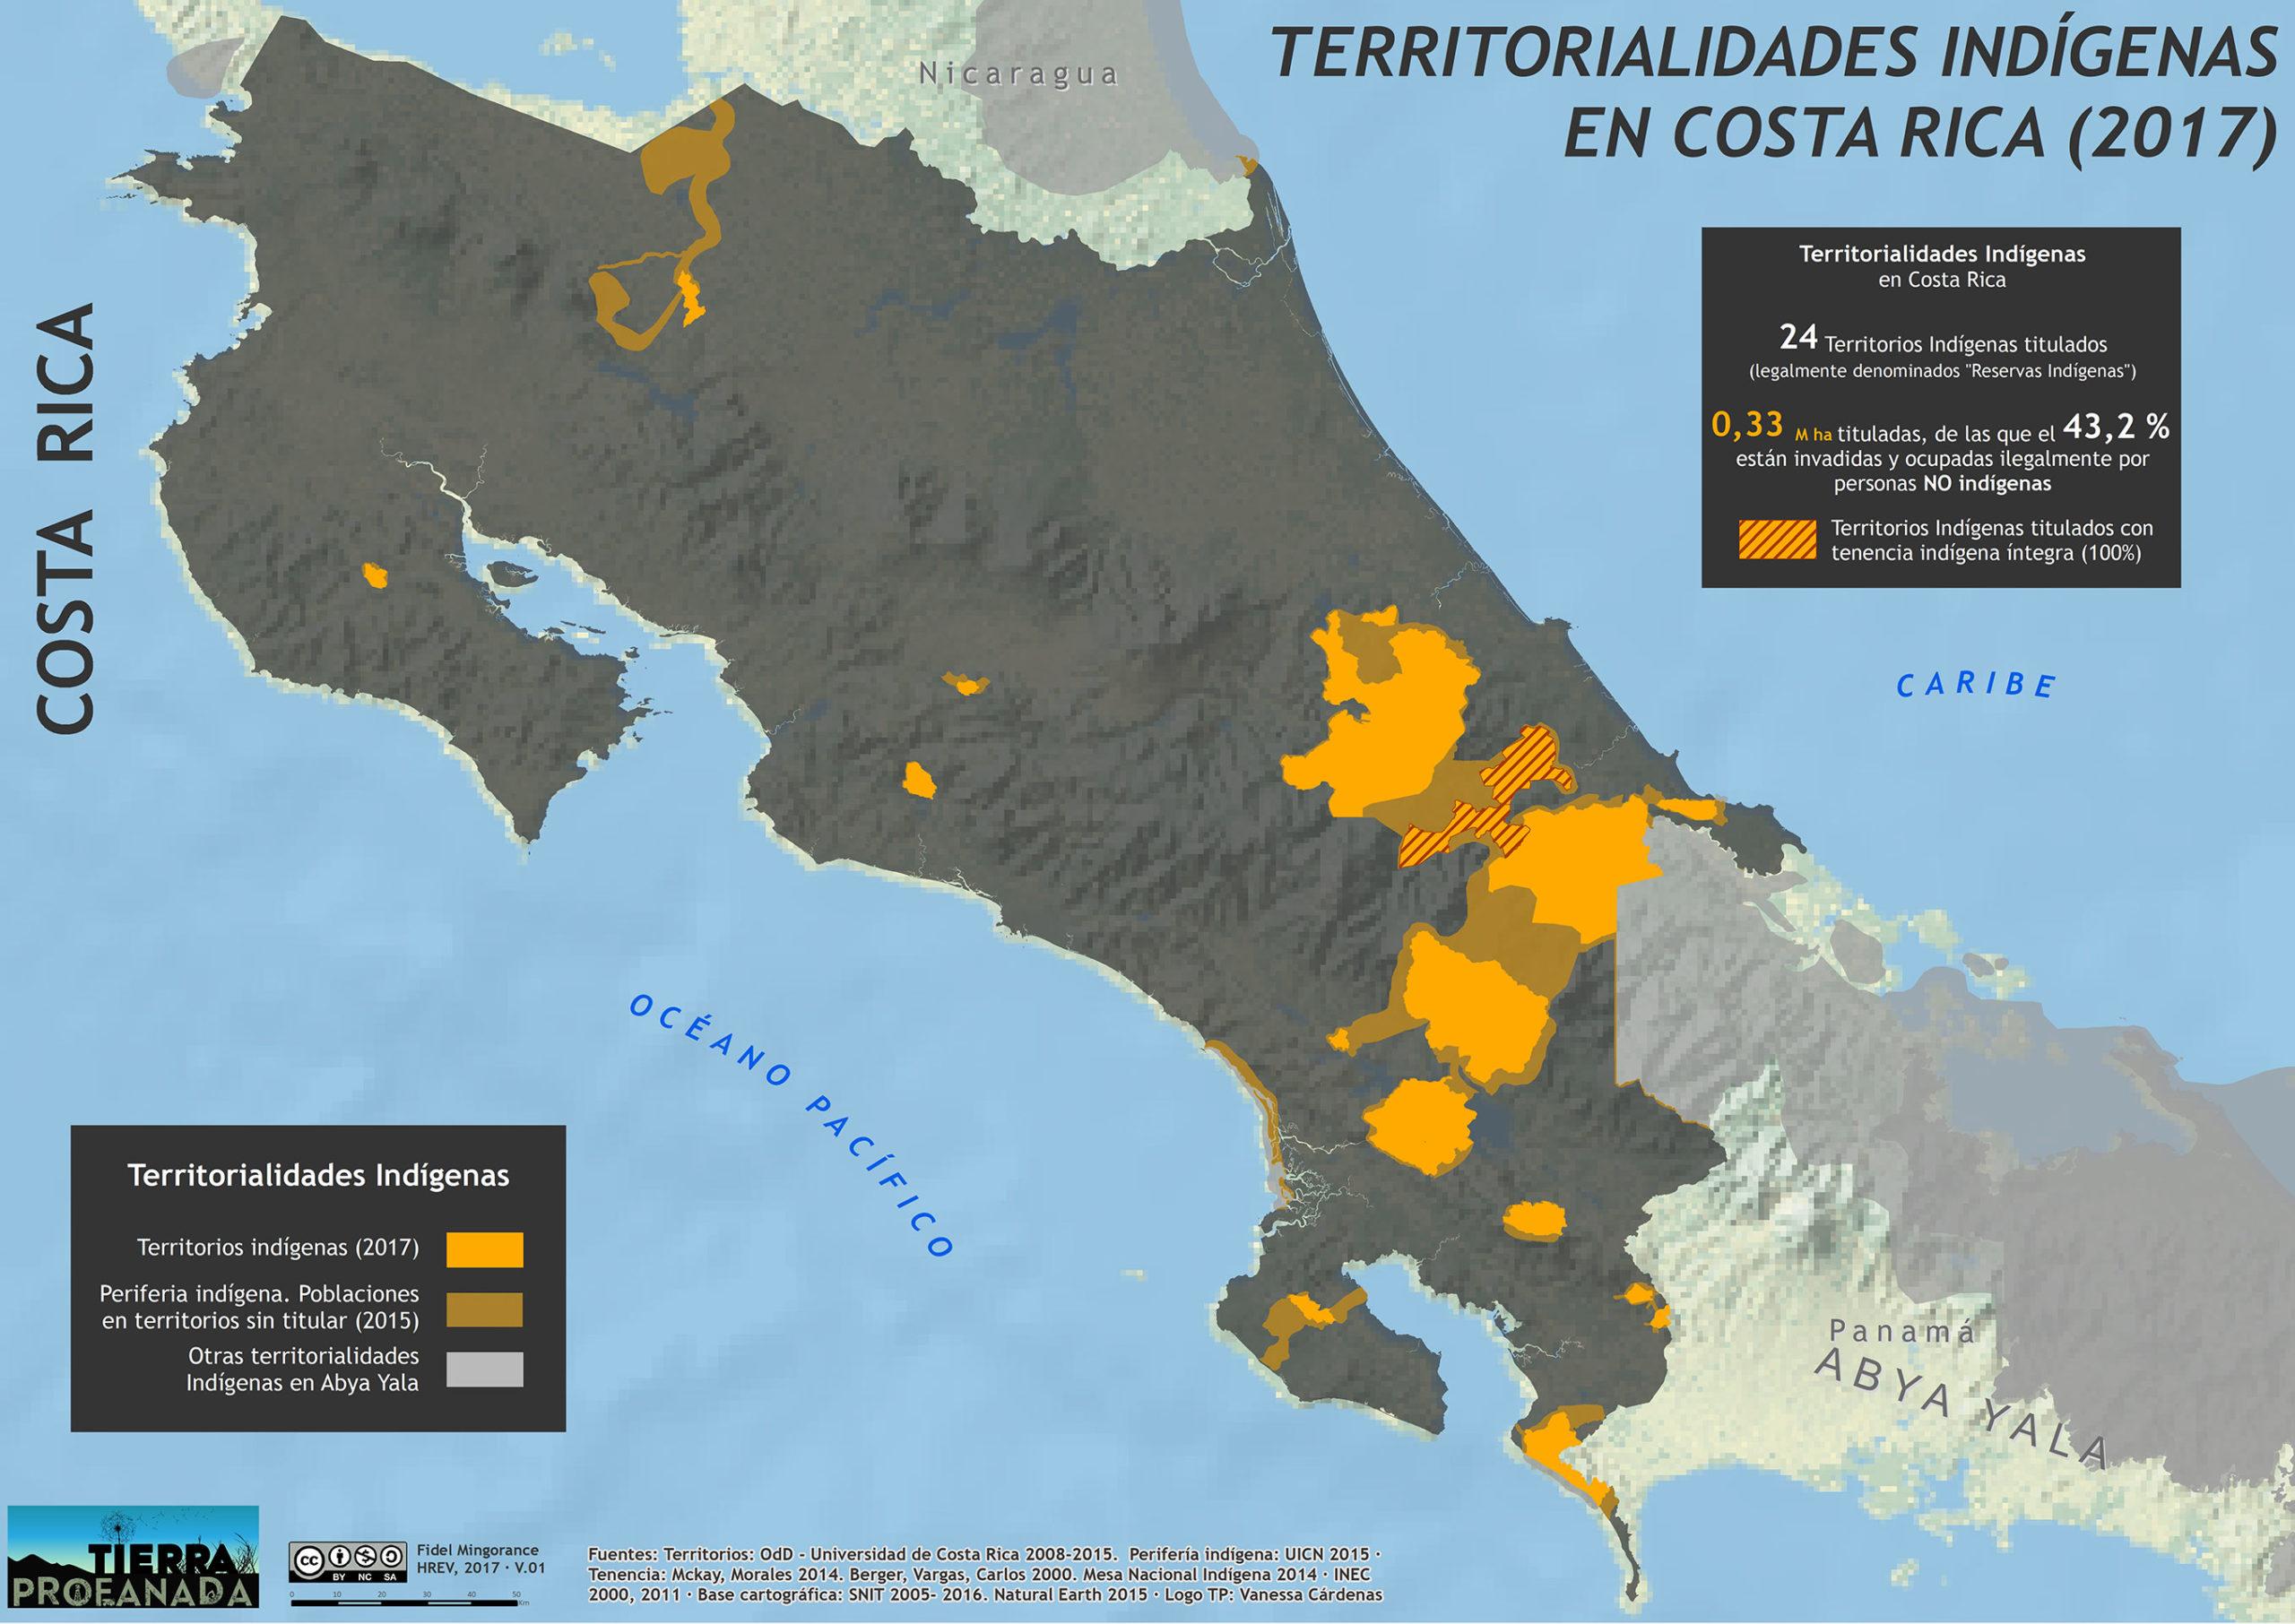 Territorialidades indigenas en Costa Rica (2017)